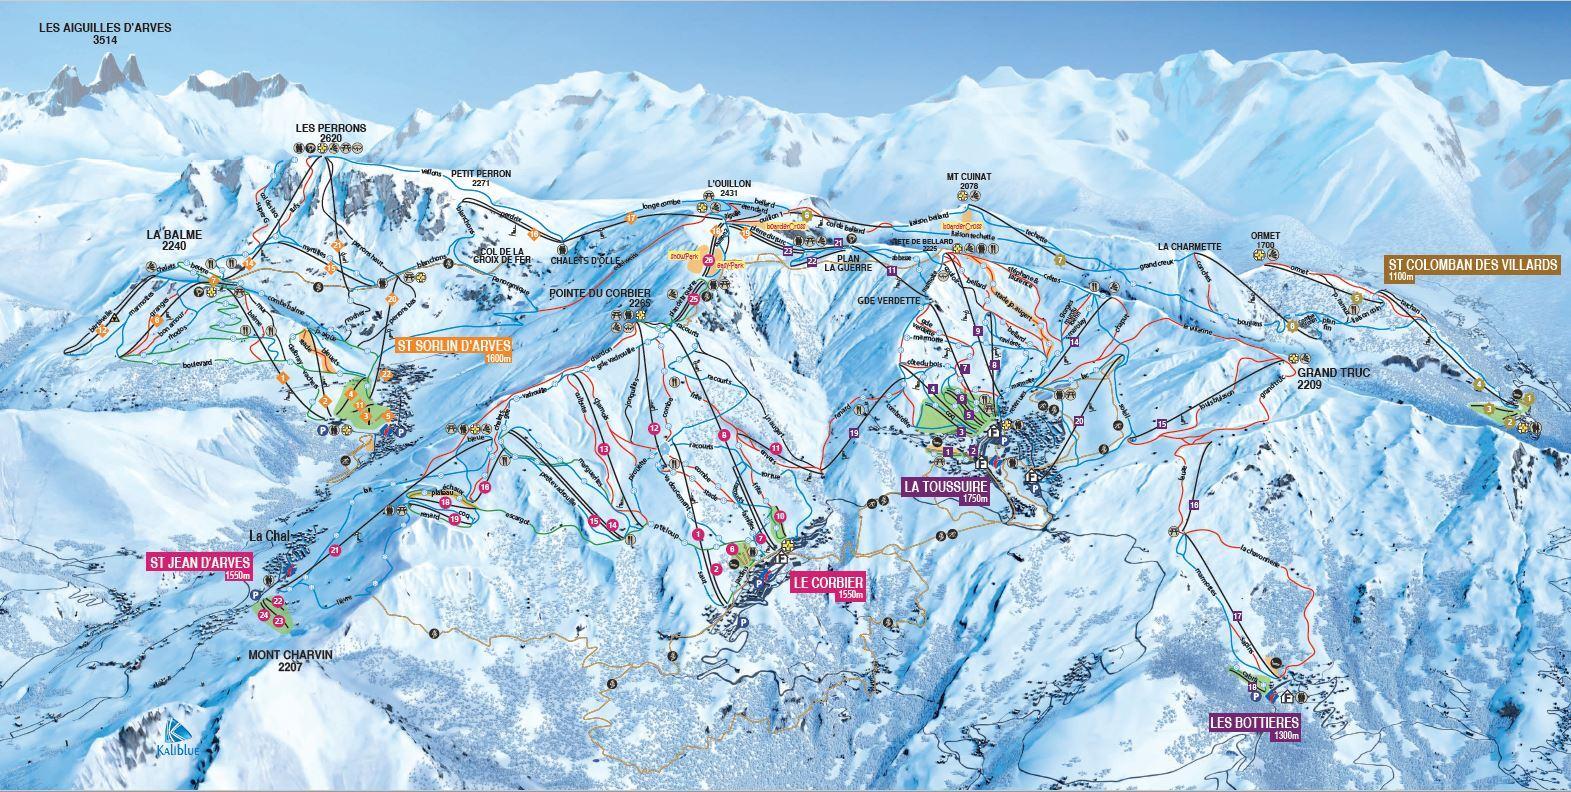 Le Corbier Les Sybelles Piste Map Trail Map